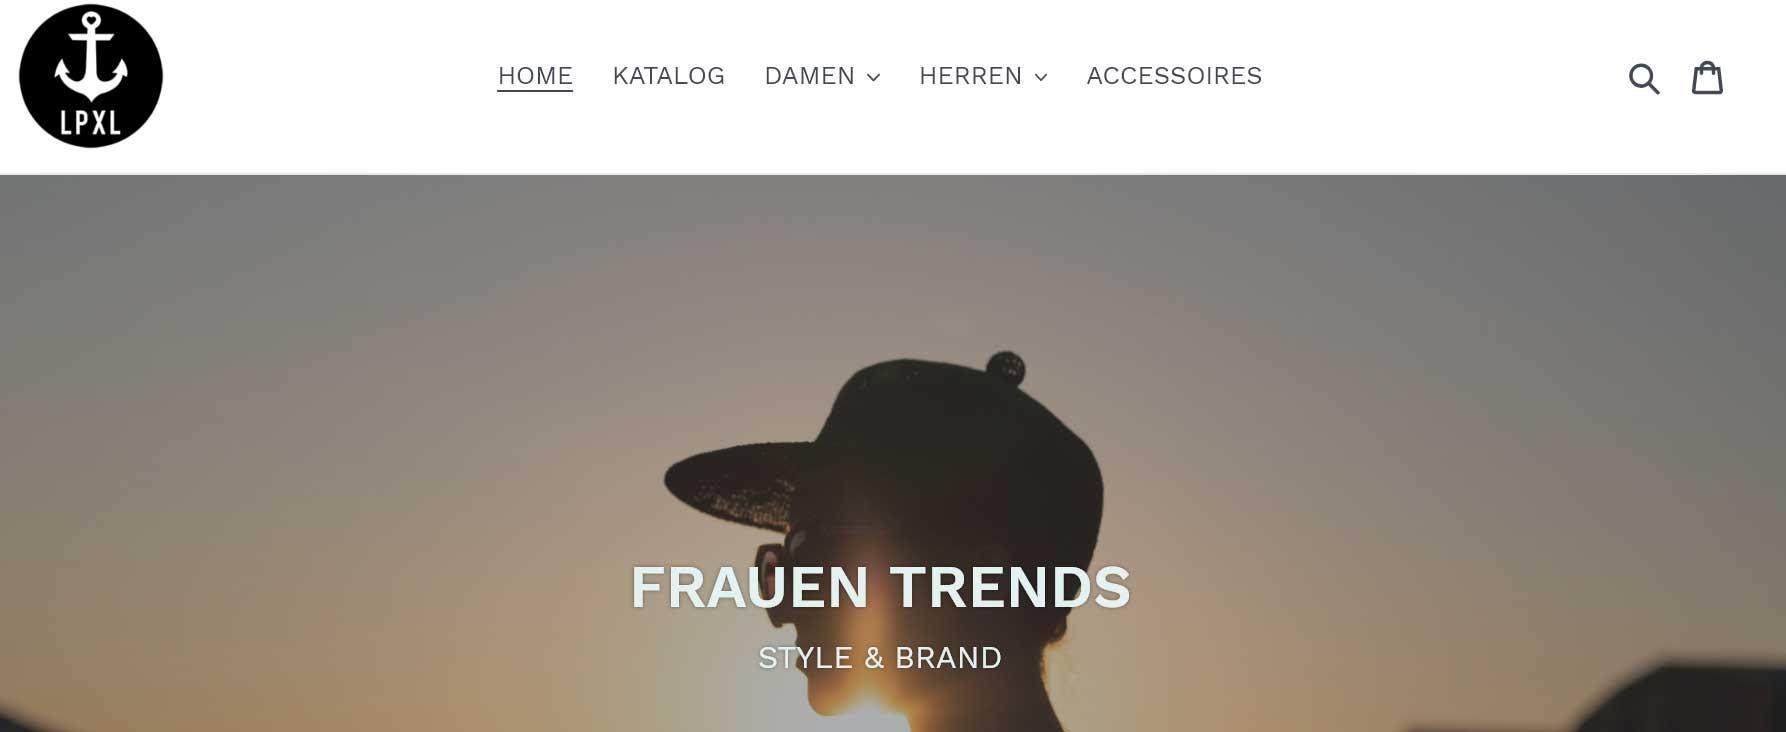 liebespixel-agentur-kirchheim-lpxl-web-shop-3